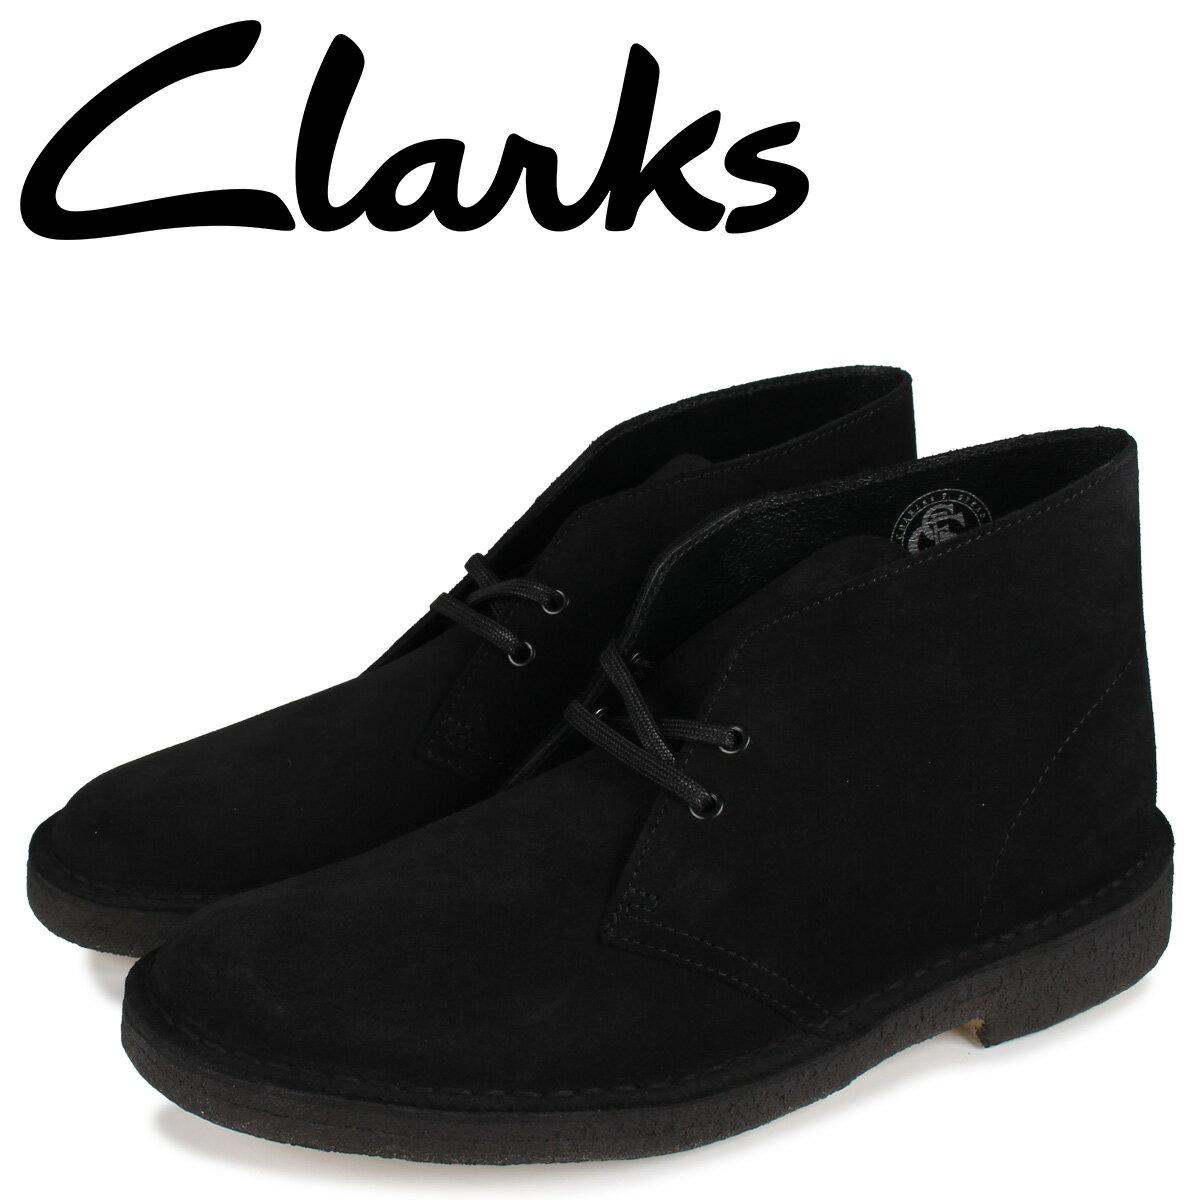 クラークス CLARKS デザート ブーツ メンズ DESERT BOOT ブラック 黒 26155480 [10月 新入荷]